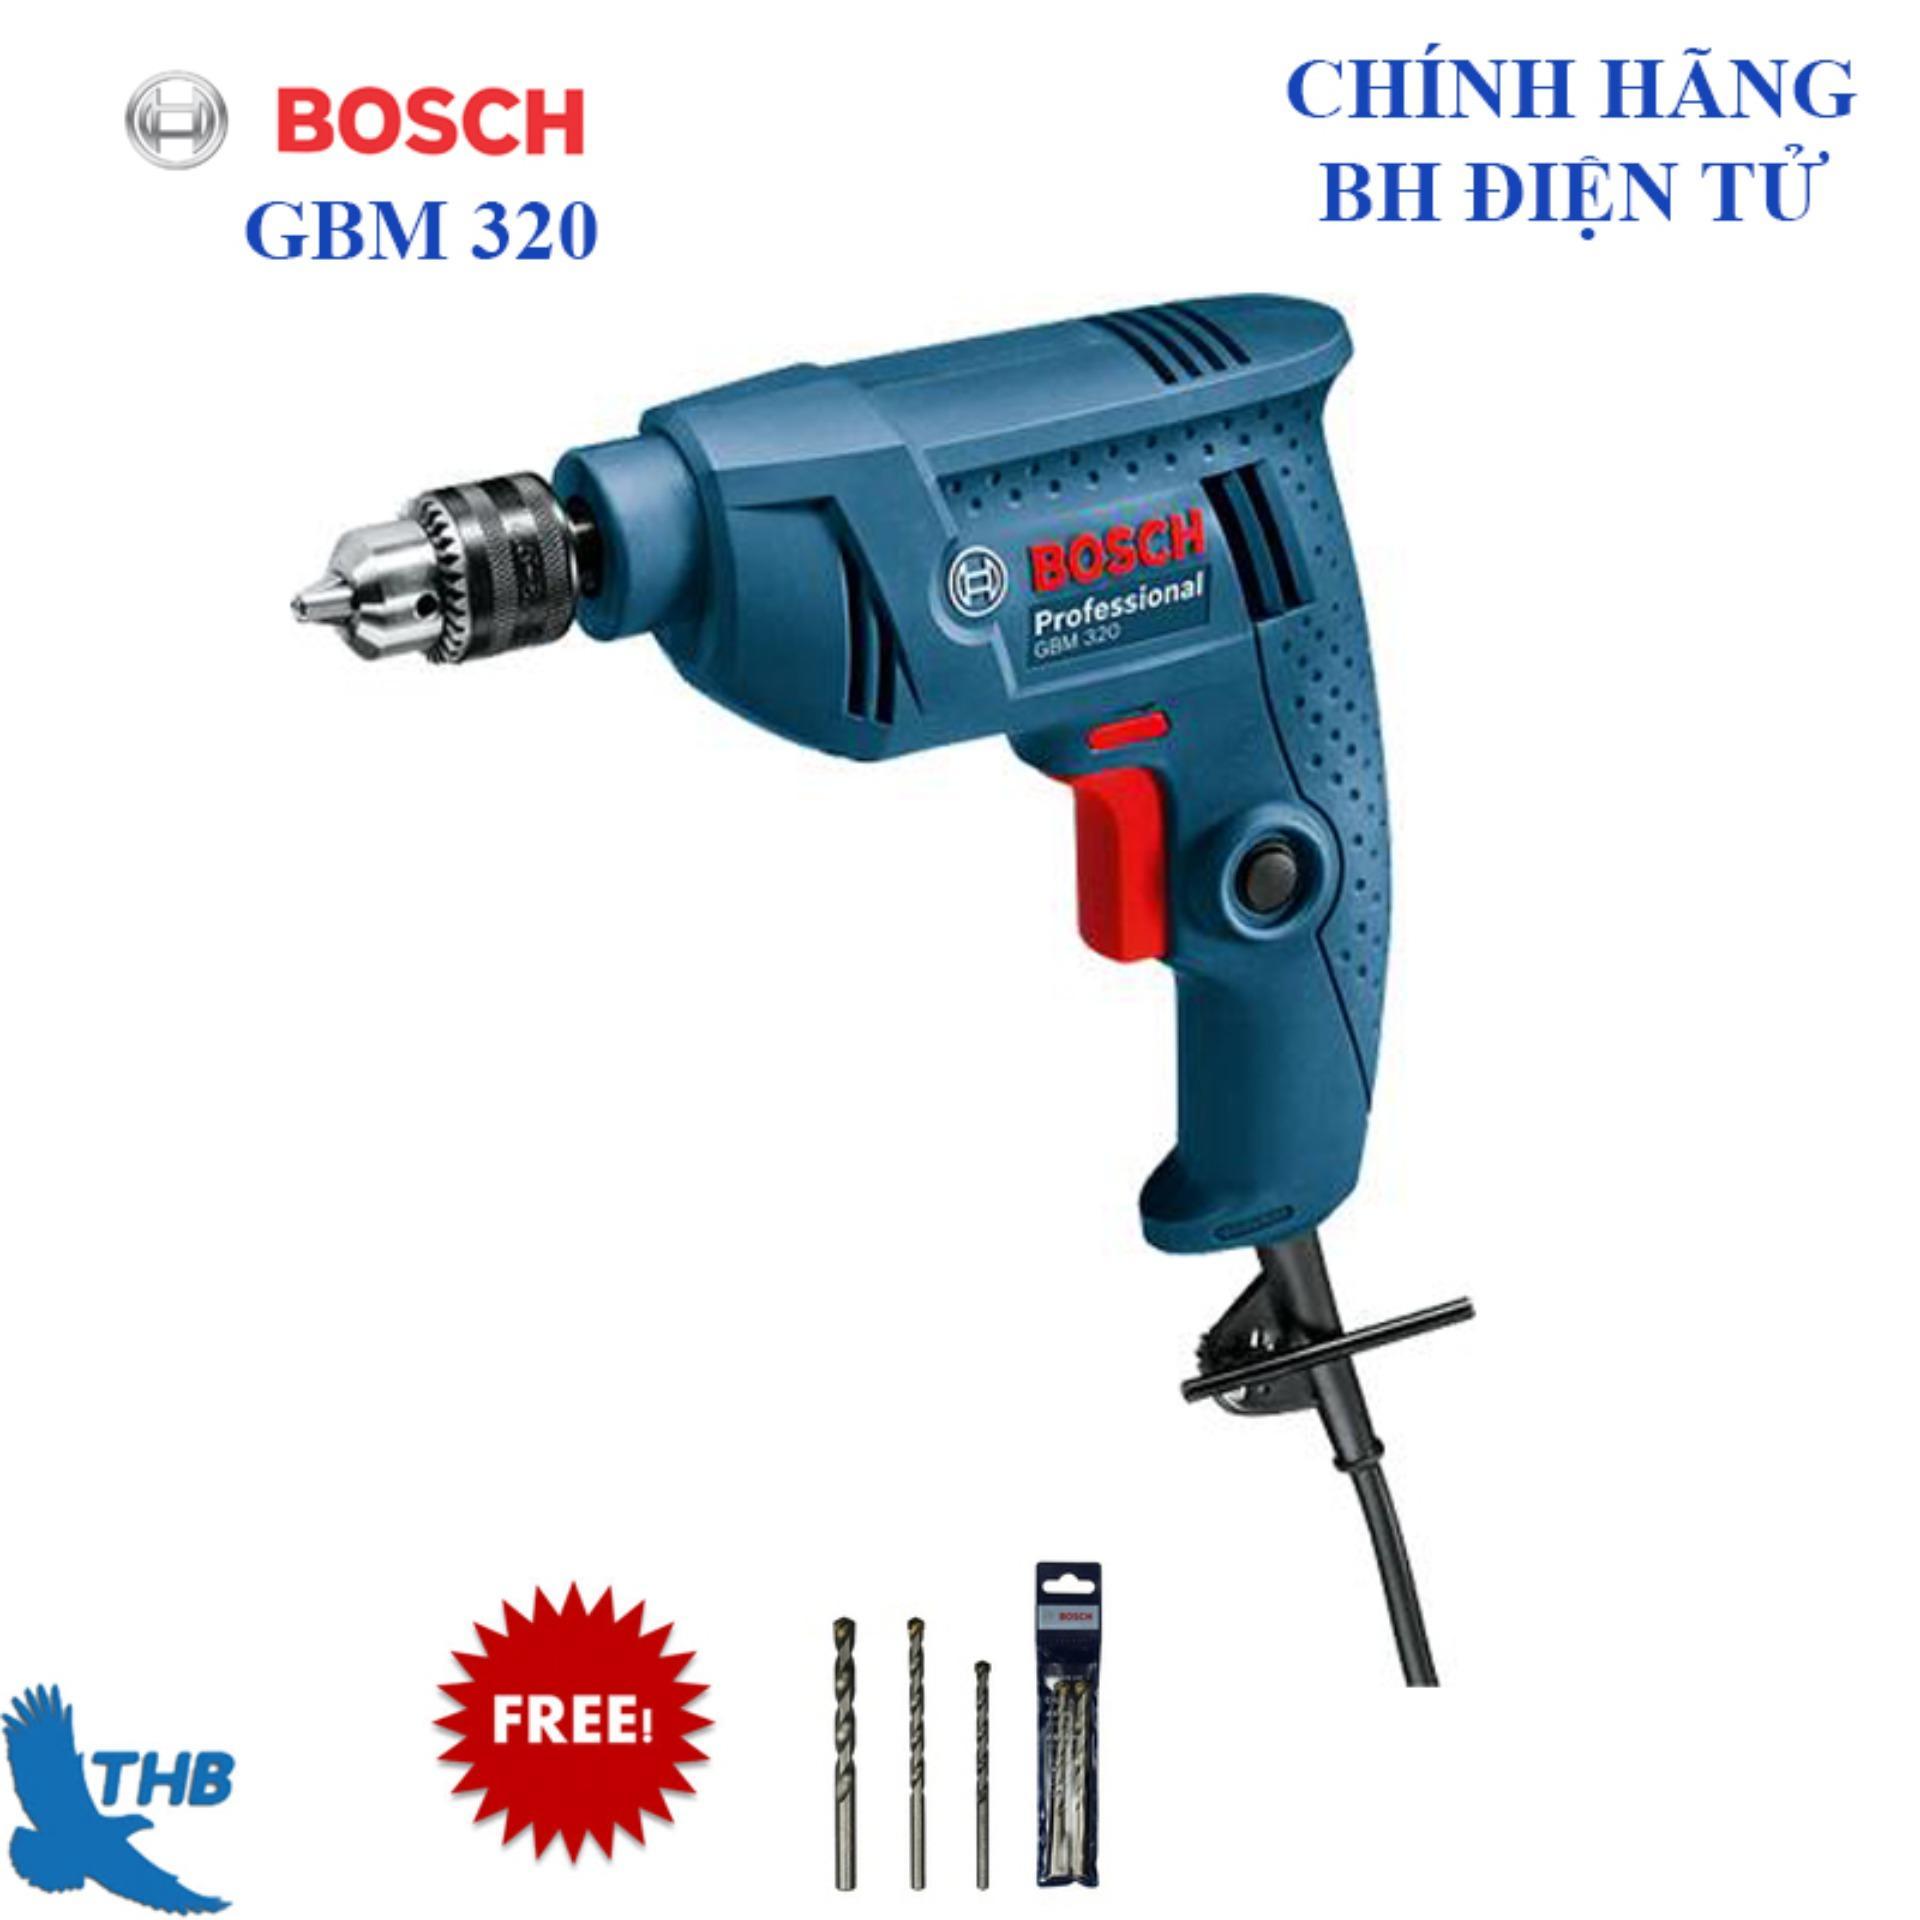 Máy khoan cầm tay, Máy khoan tay, Máy khoan điện,  Máy khoan Bosch chính hãng GBM 320 Tặng 3 mũi khoan HSS 4, 6,8 ( Công suất 320W, Mũi khoan gỗ tối đa M13, Bảo hành điện tử 6 tháng)